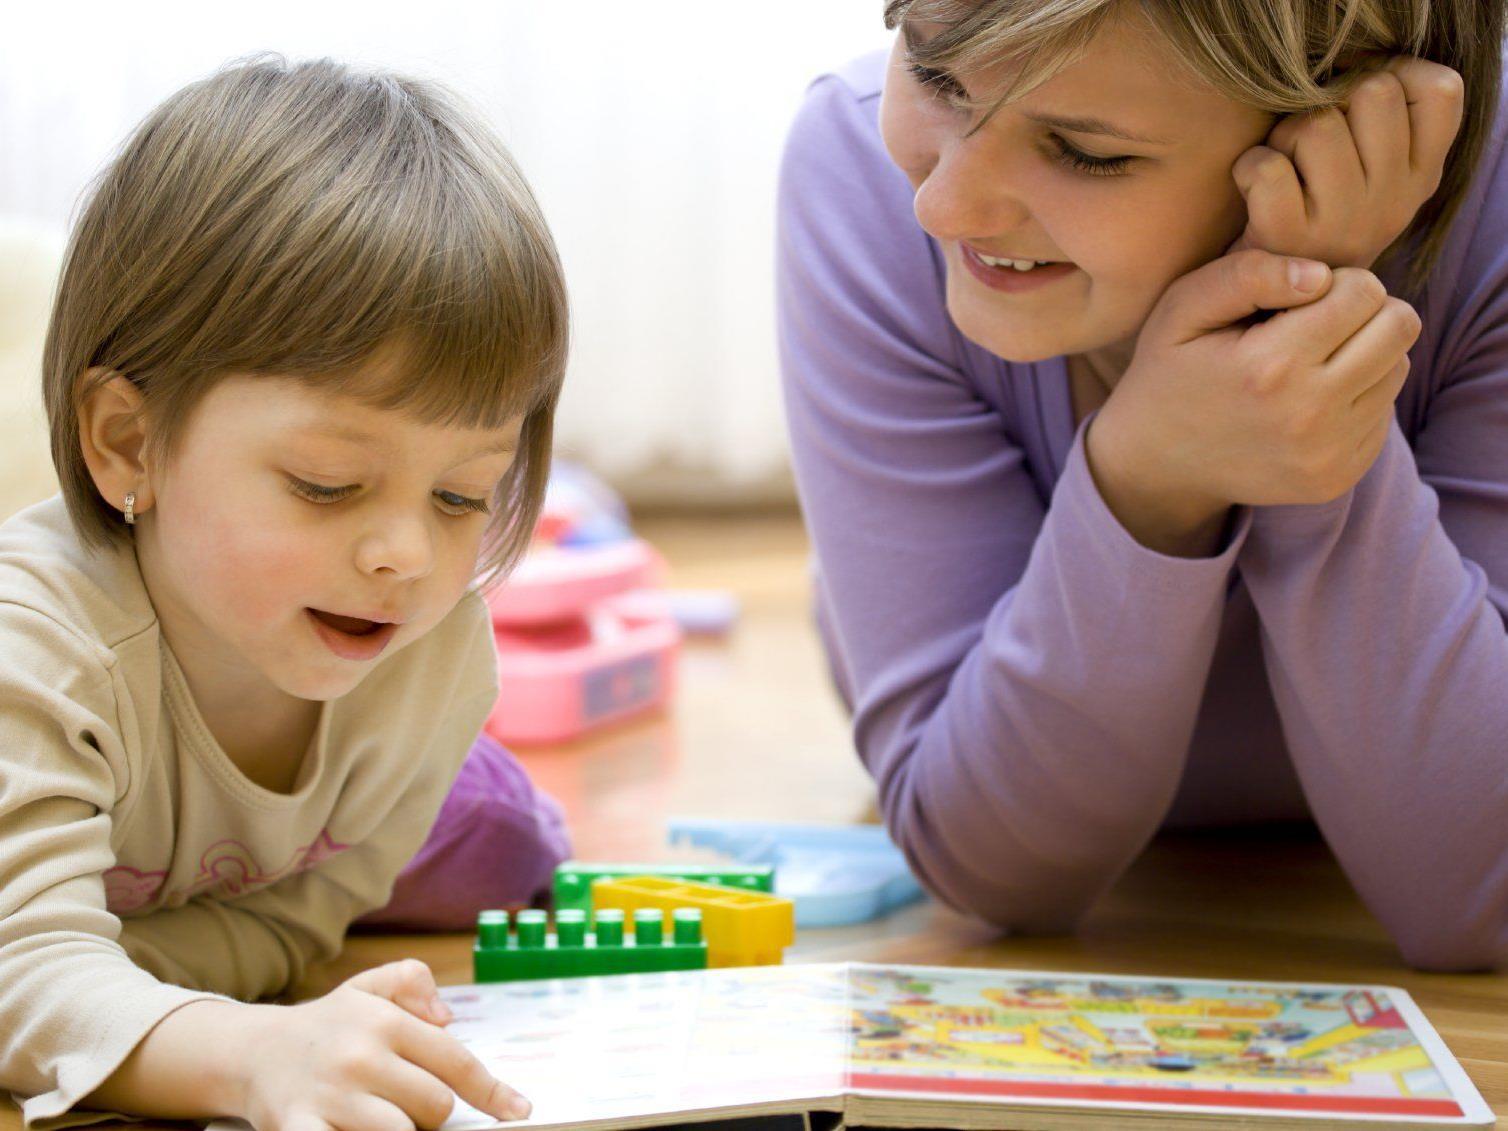 In einer Wohlfühlatmosphäre erzählen Kinder gerne und ungestört.